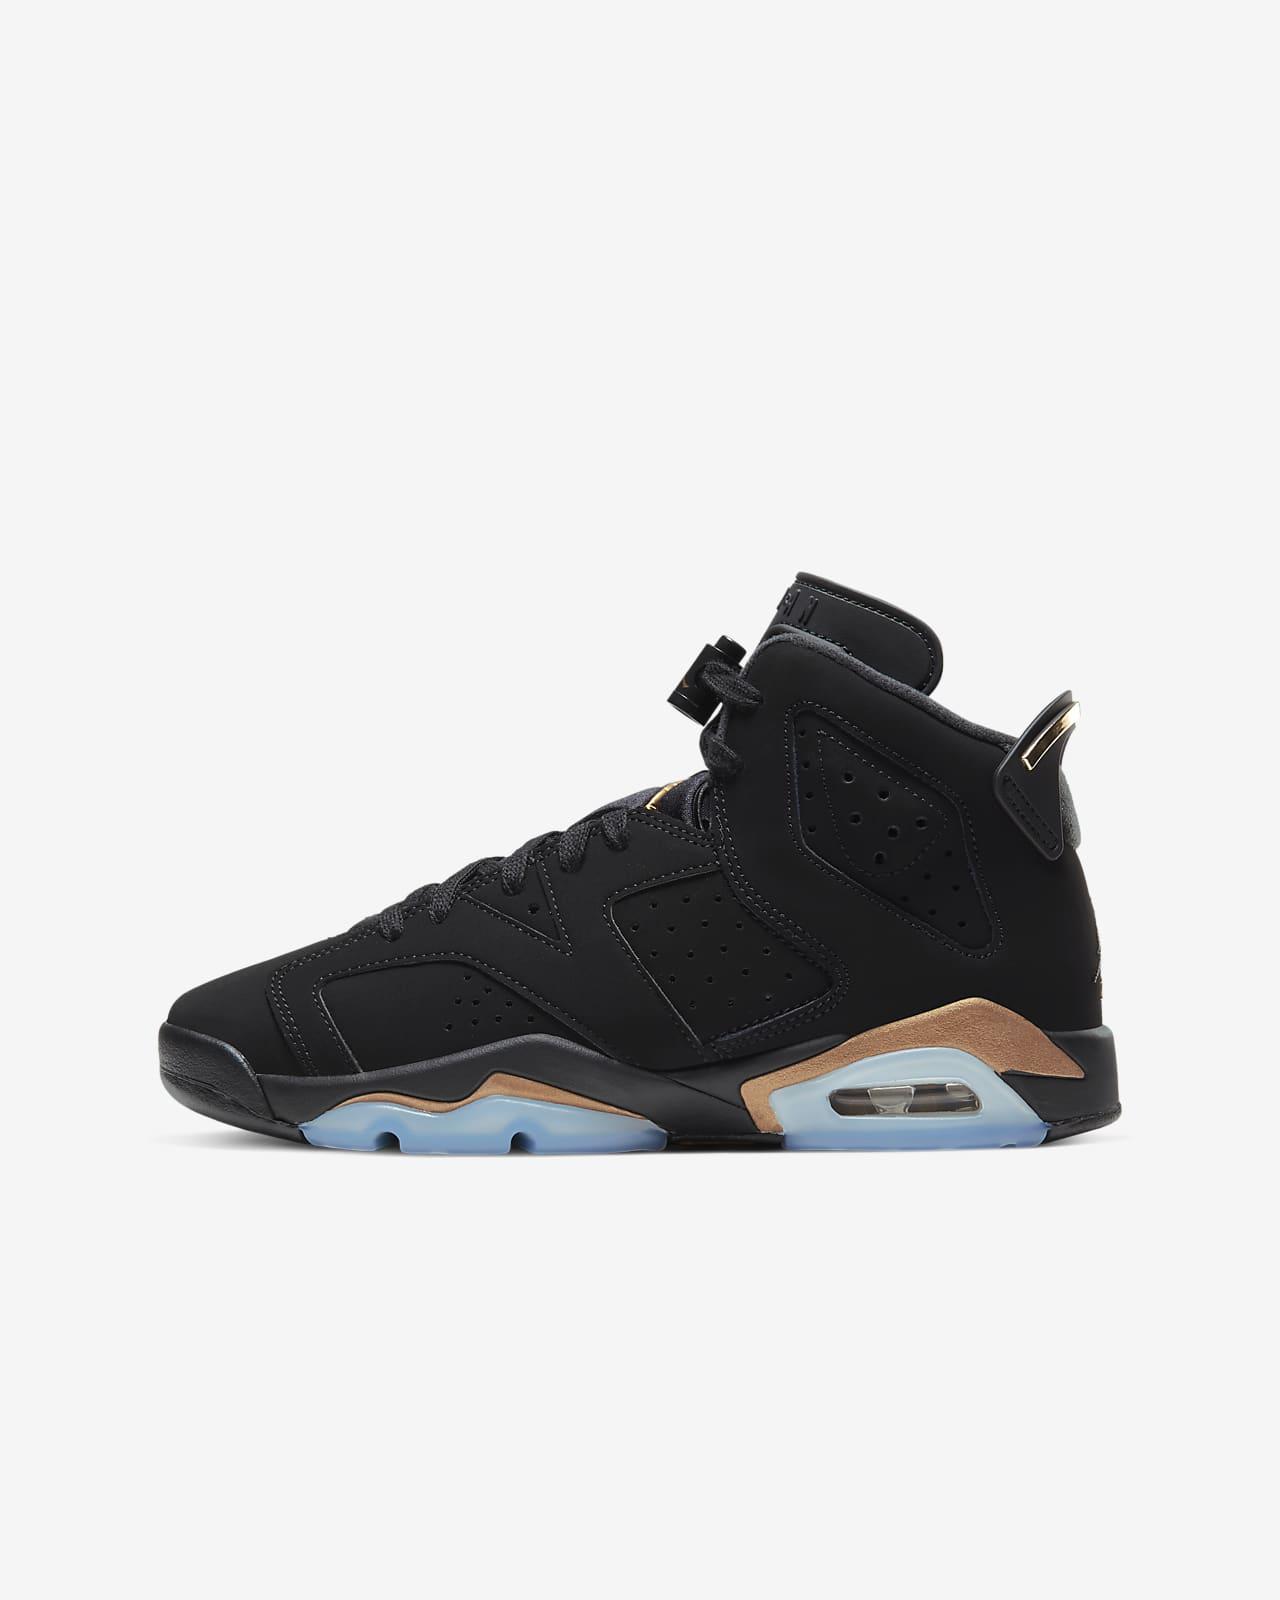 Chaussure Air Jordan 6 Retro DMP pour Enfant plus âgé. Nike LU